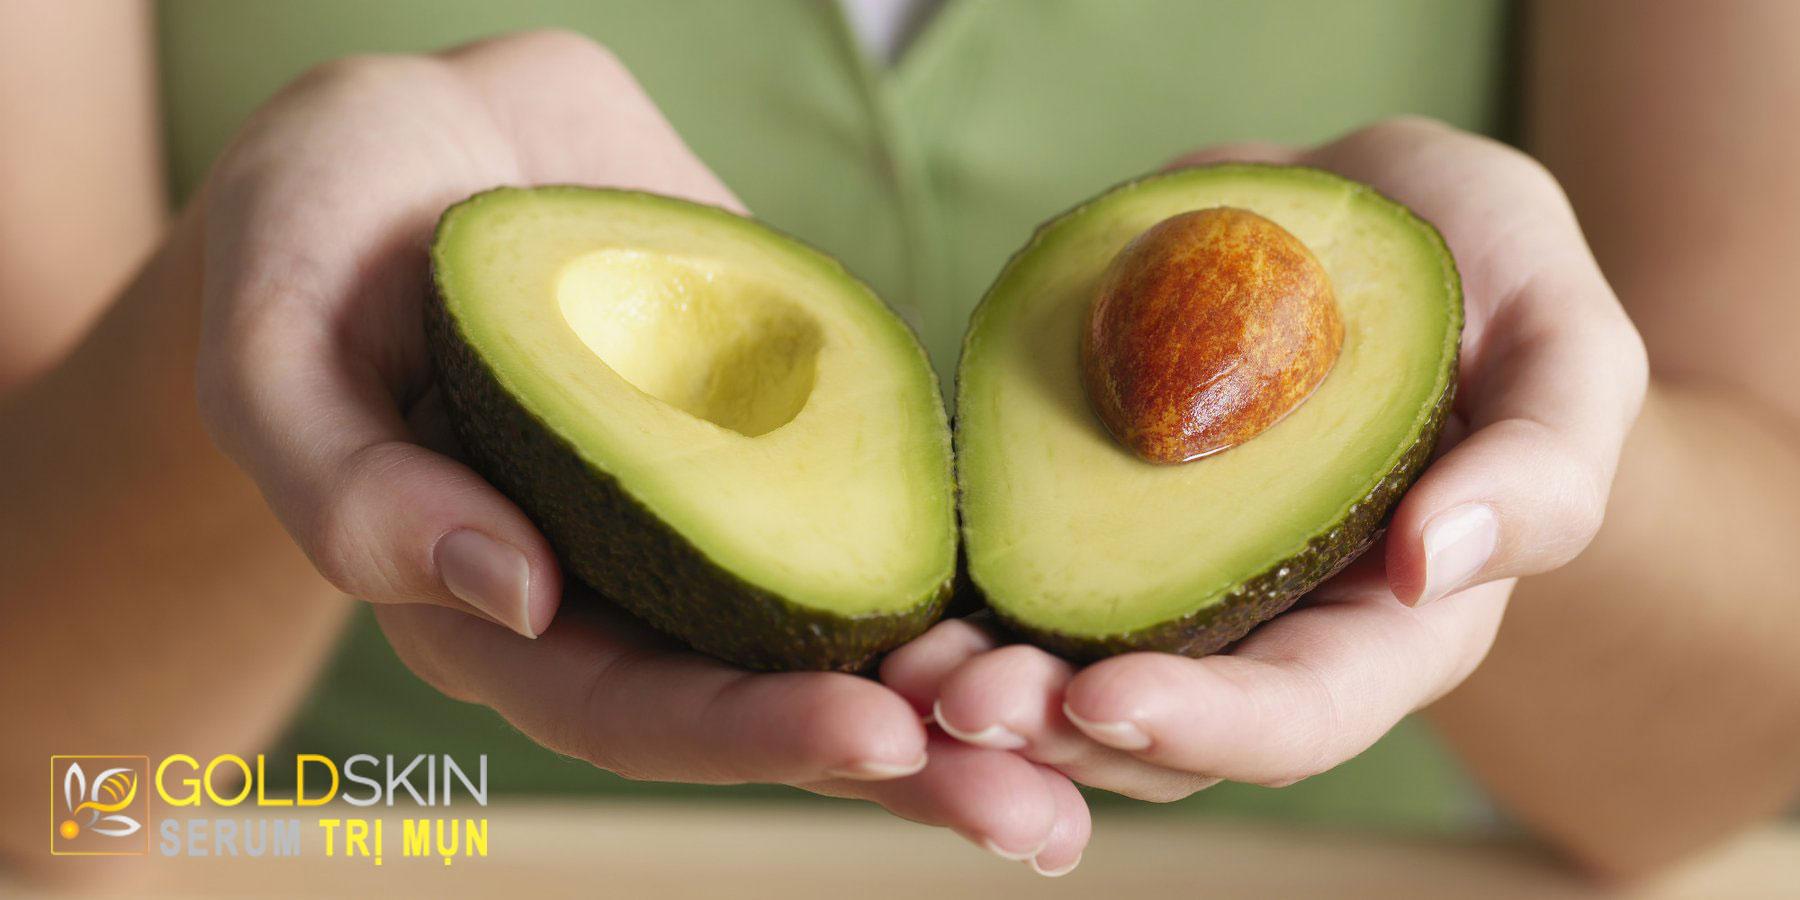 Mặt nạ từ bơ và ca cao giúp kích thích da sản xuất nguồn collagen dồi dào